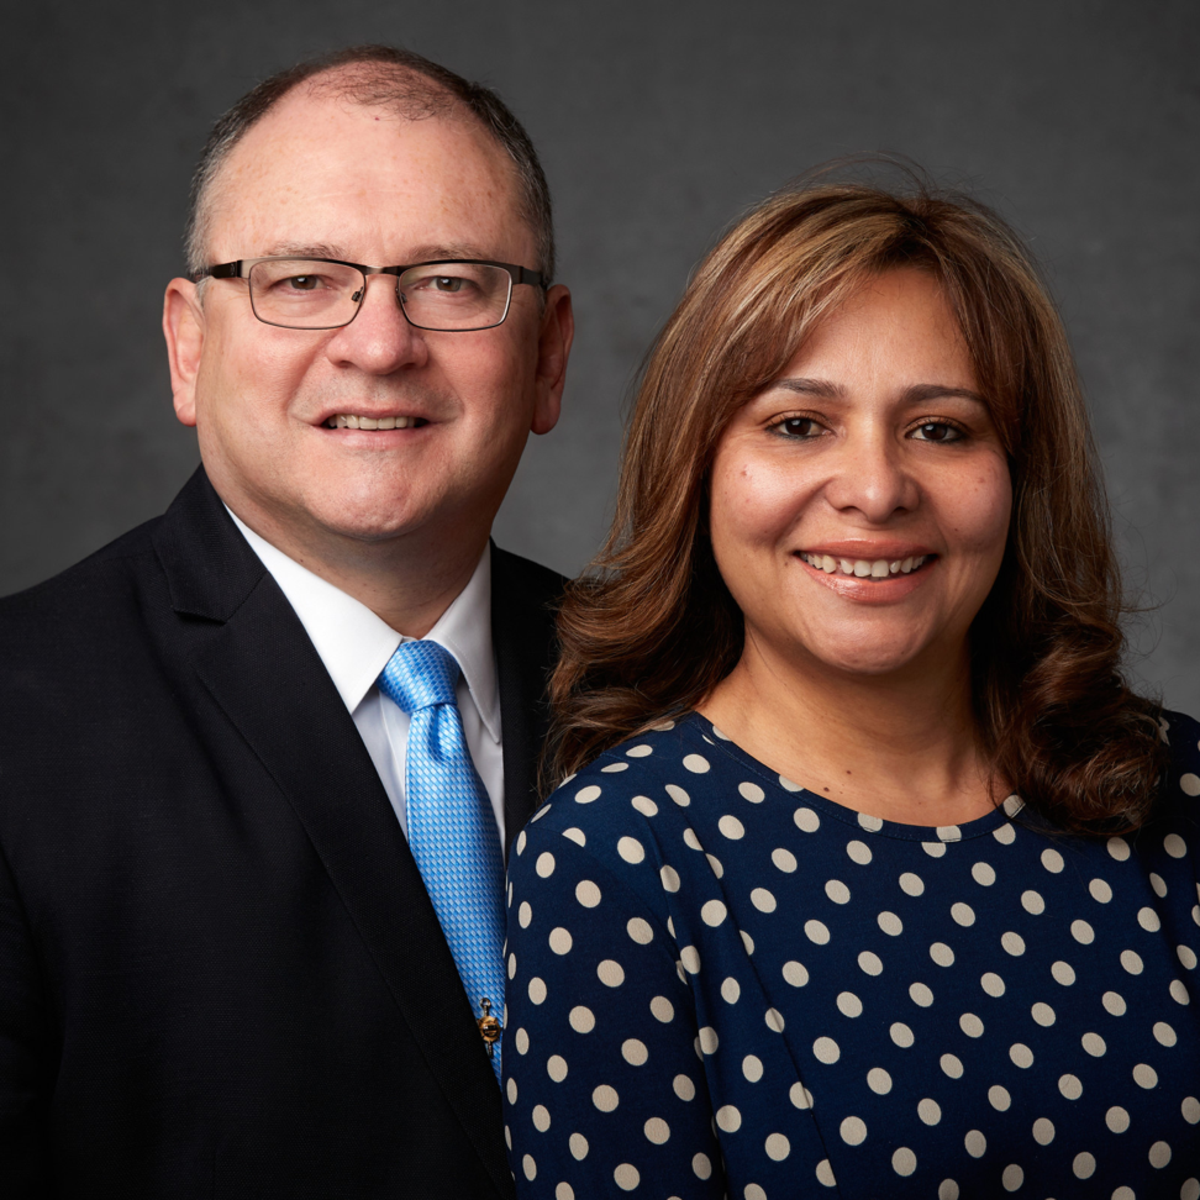 El Presidente Chacon y su esposa de la Misión Ecuador Quito Norte